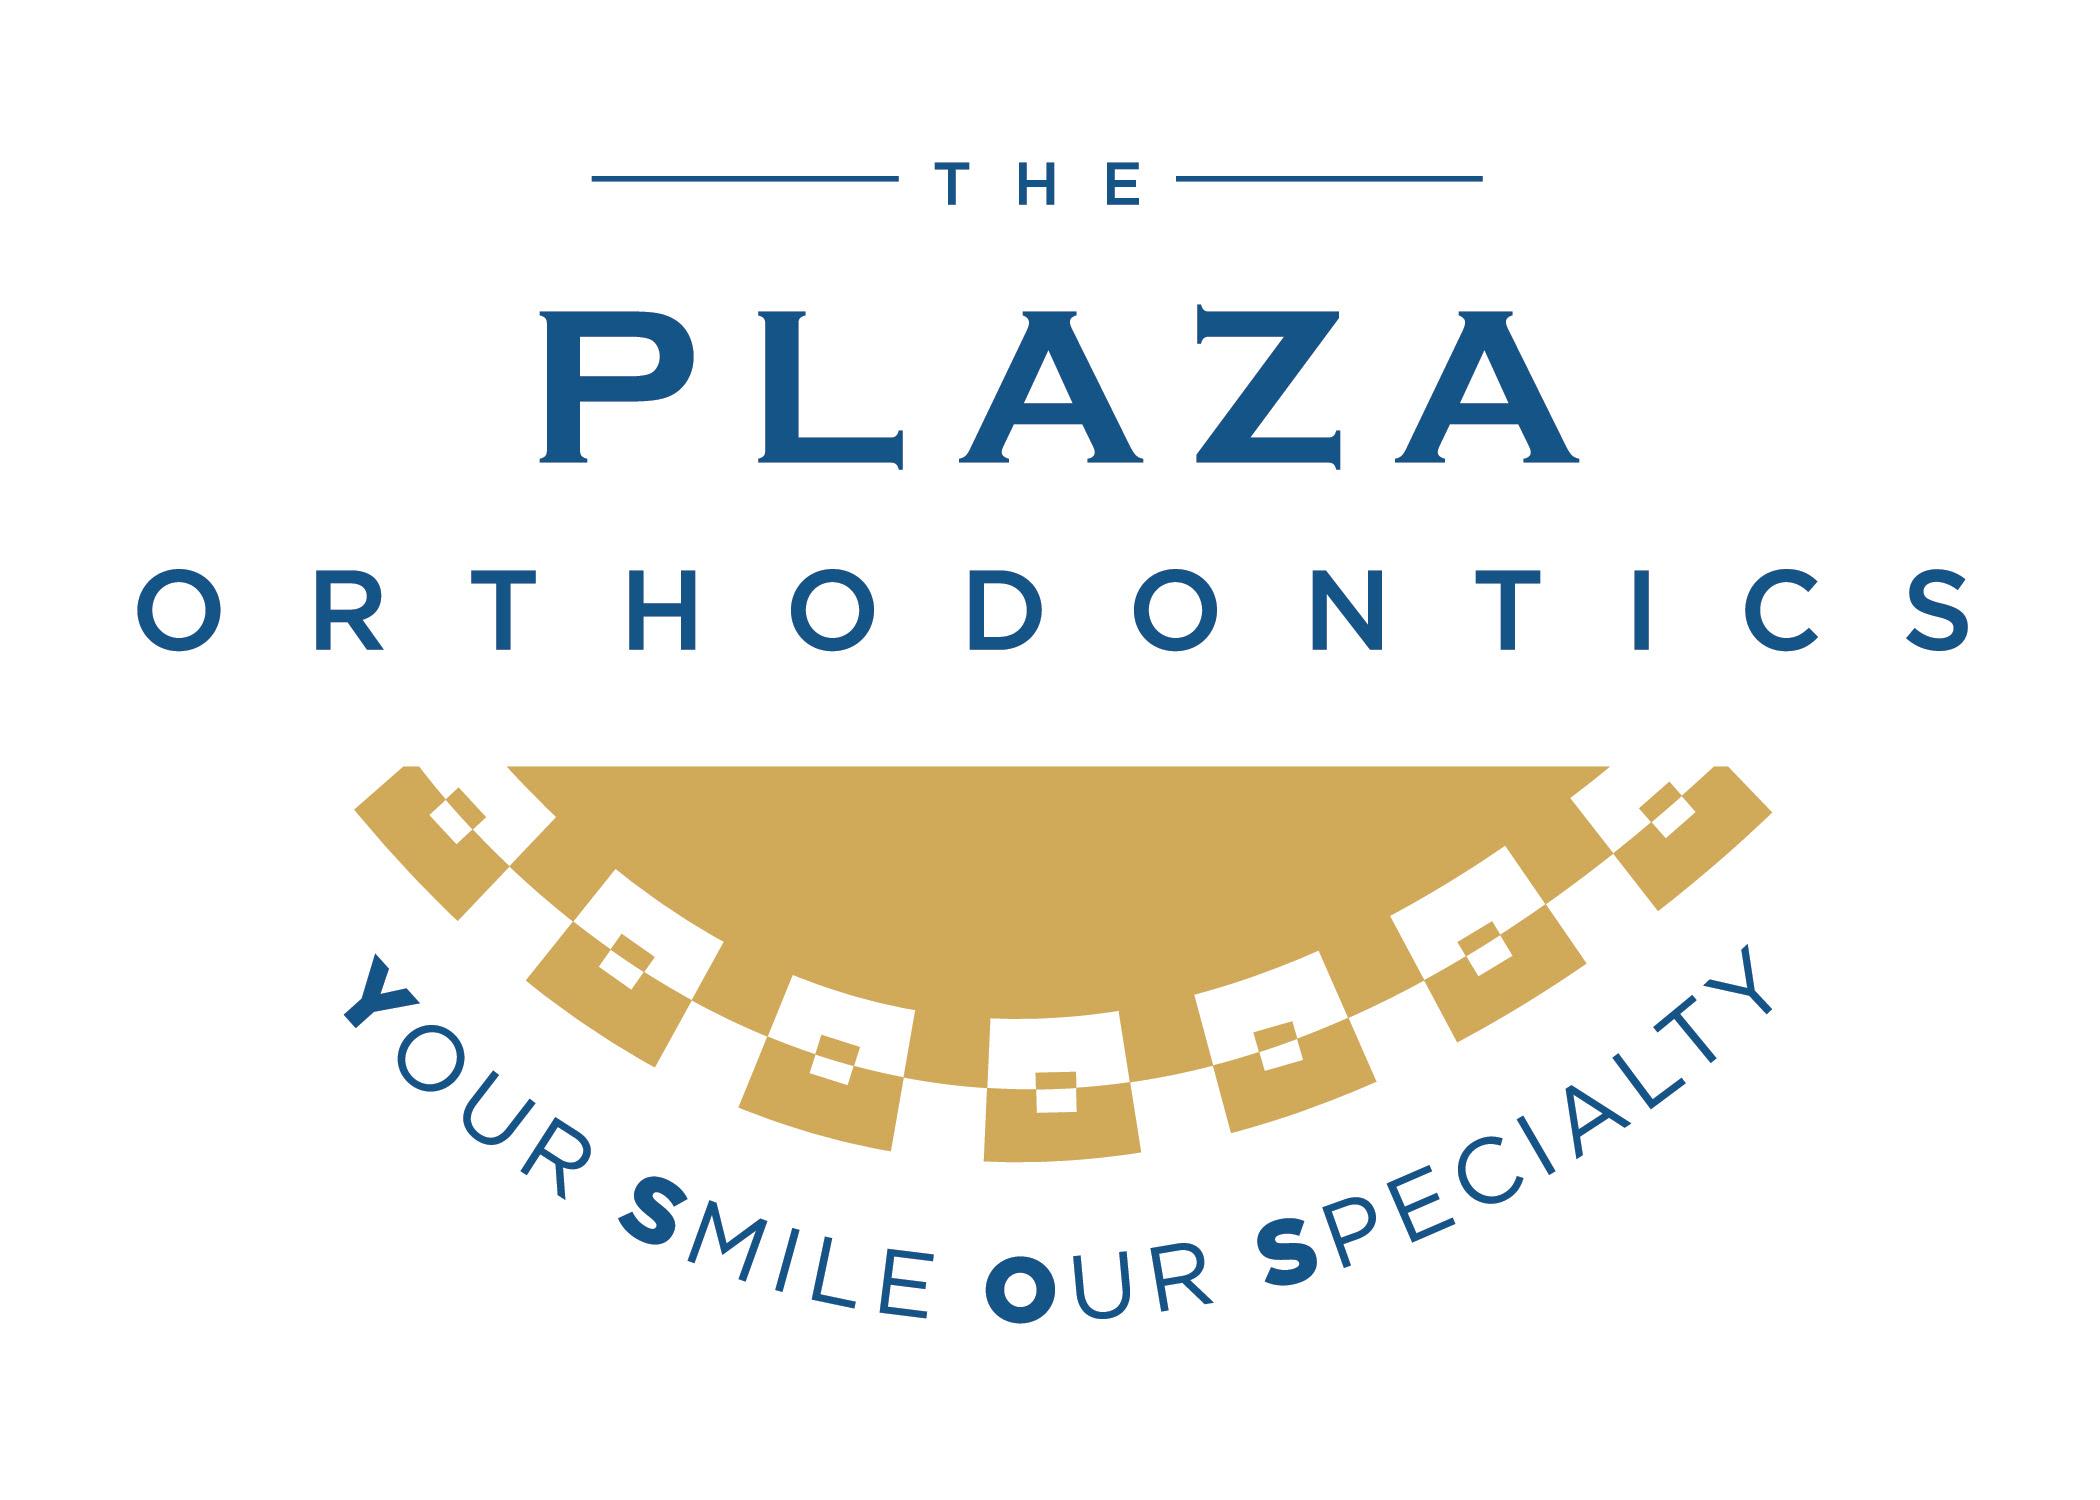 Plaza Orthodontics